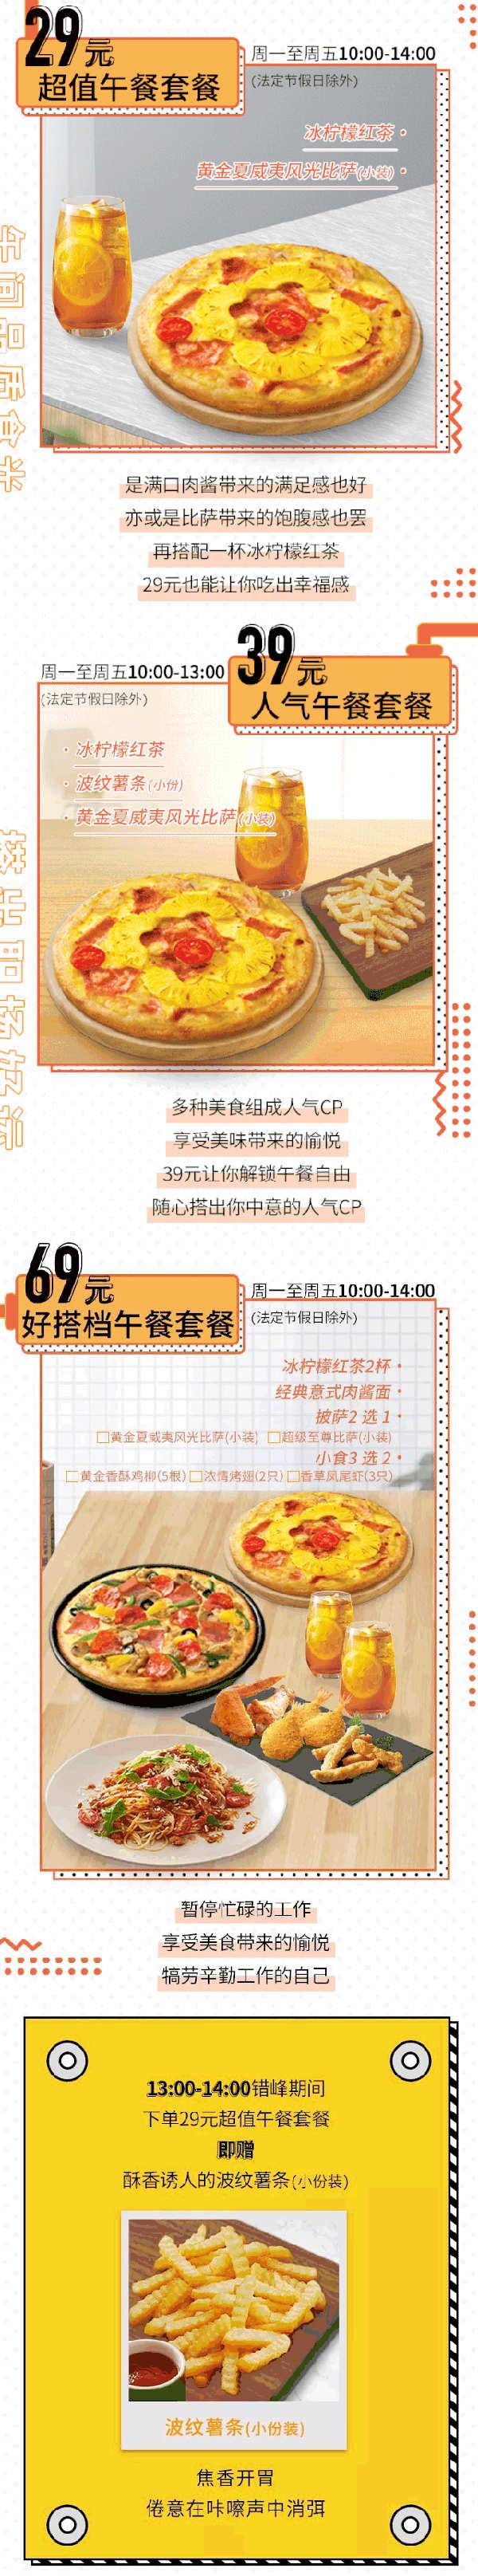 必胜客宅急送工作日特惠午餐套餐29元起,错峰更有薯条送